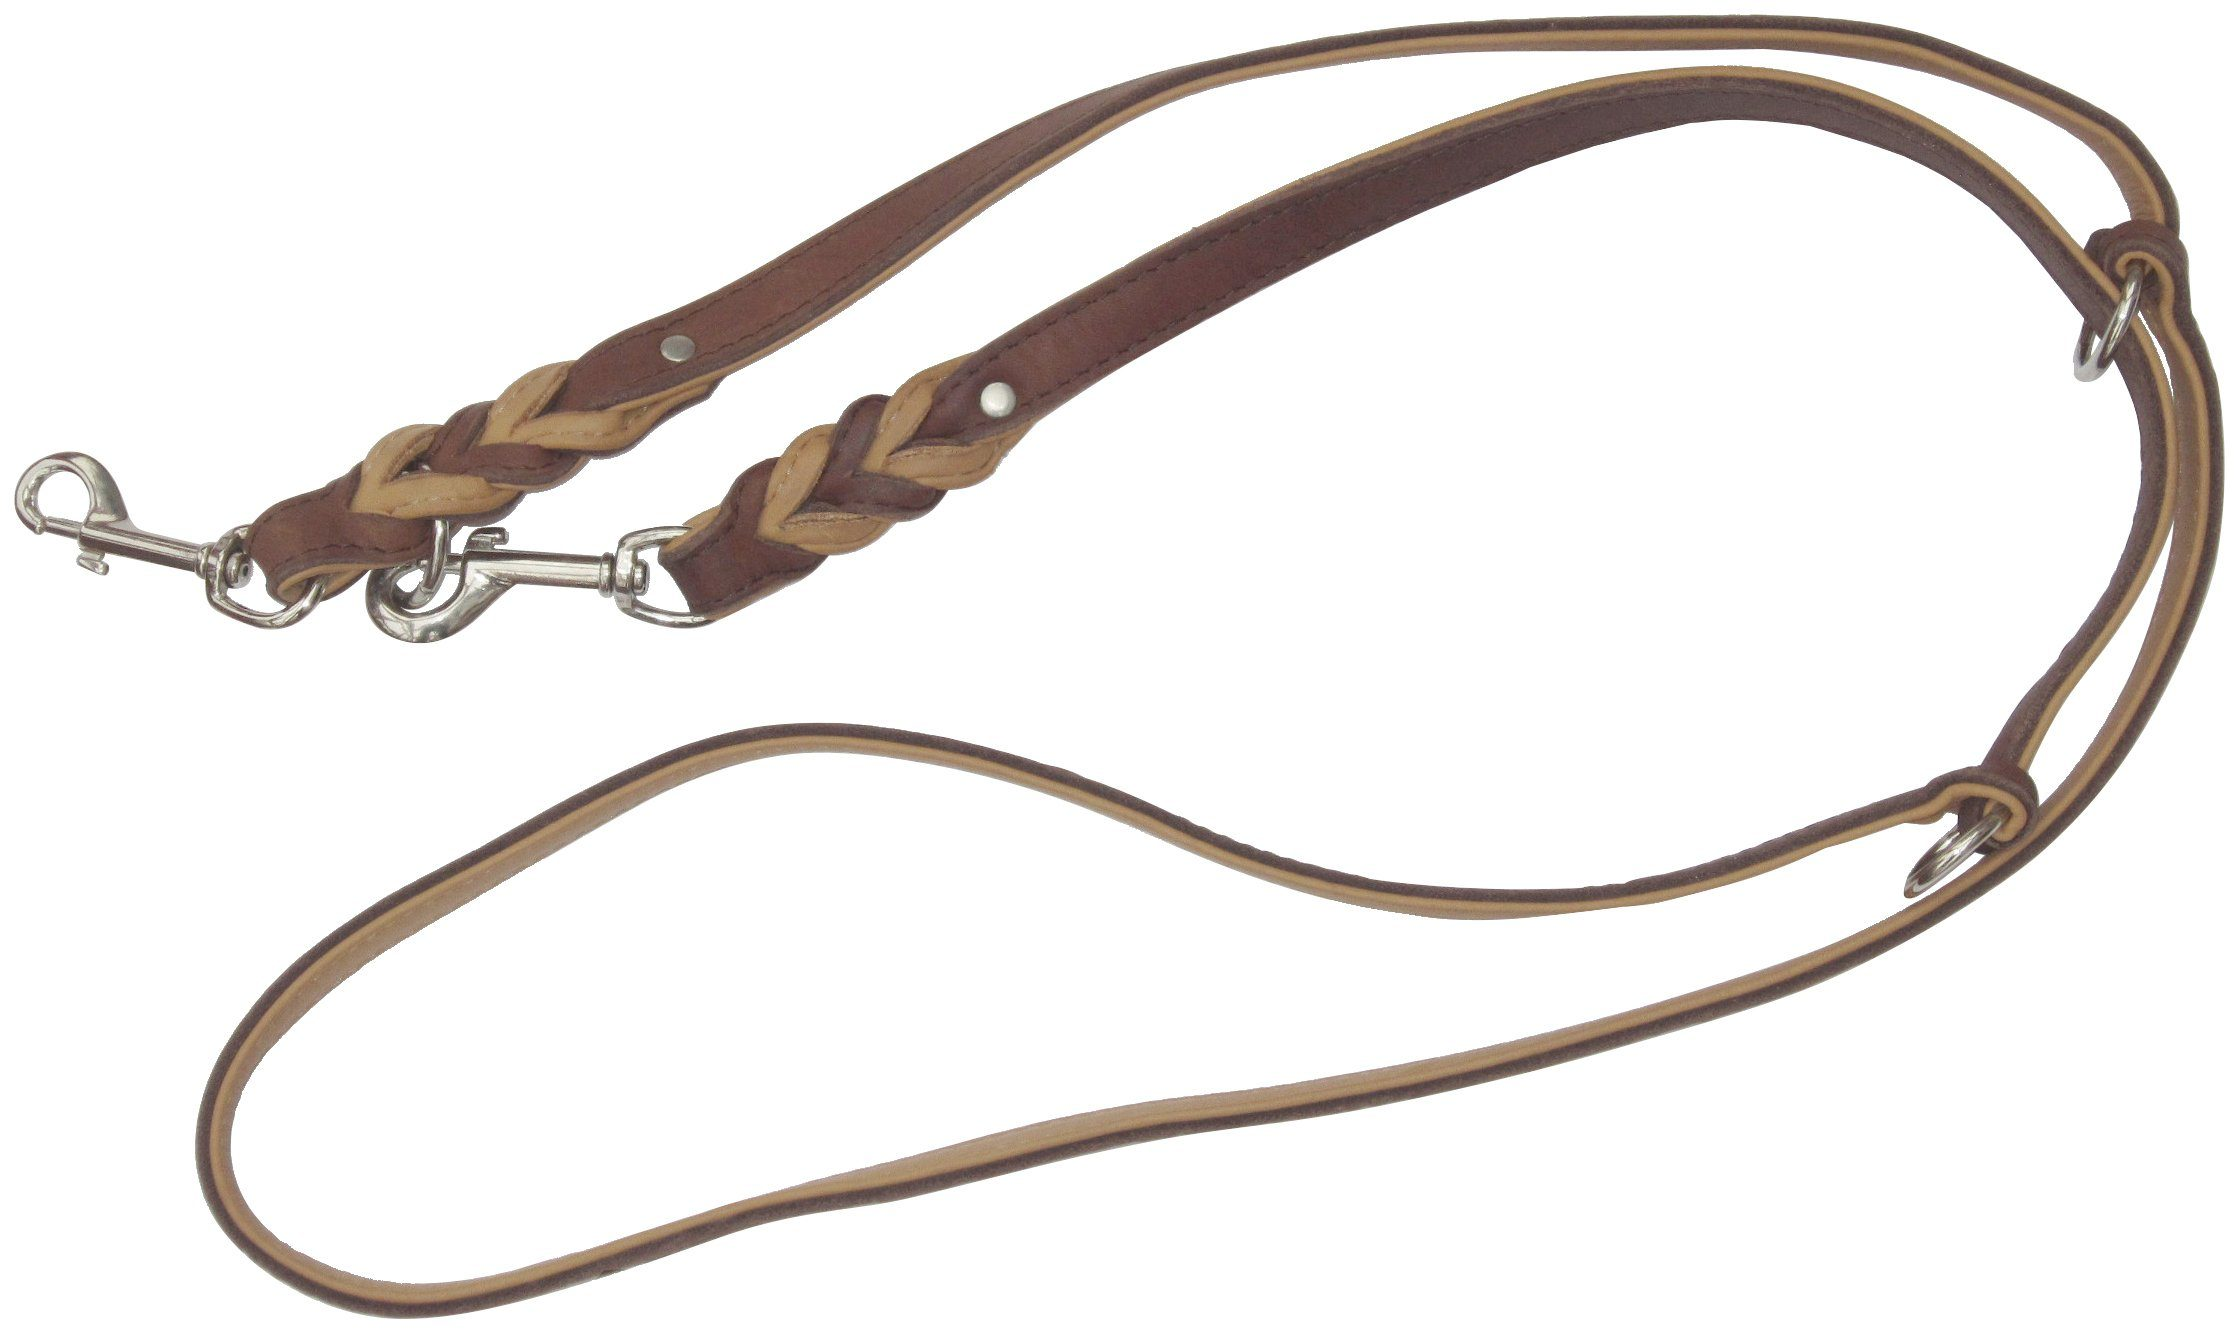 HEIM Hundeleine »Zugspitze«, braun, Länge: 200 cm